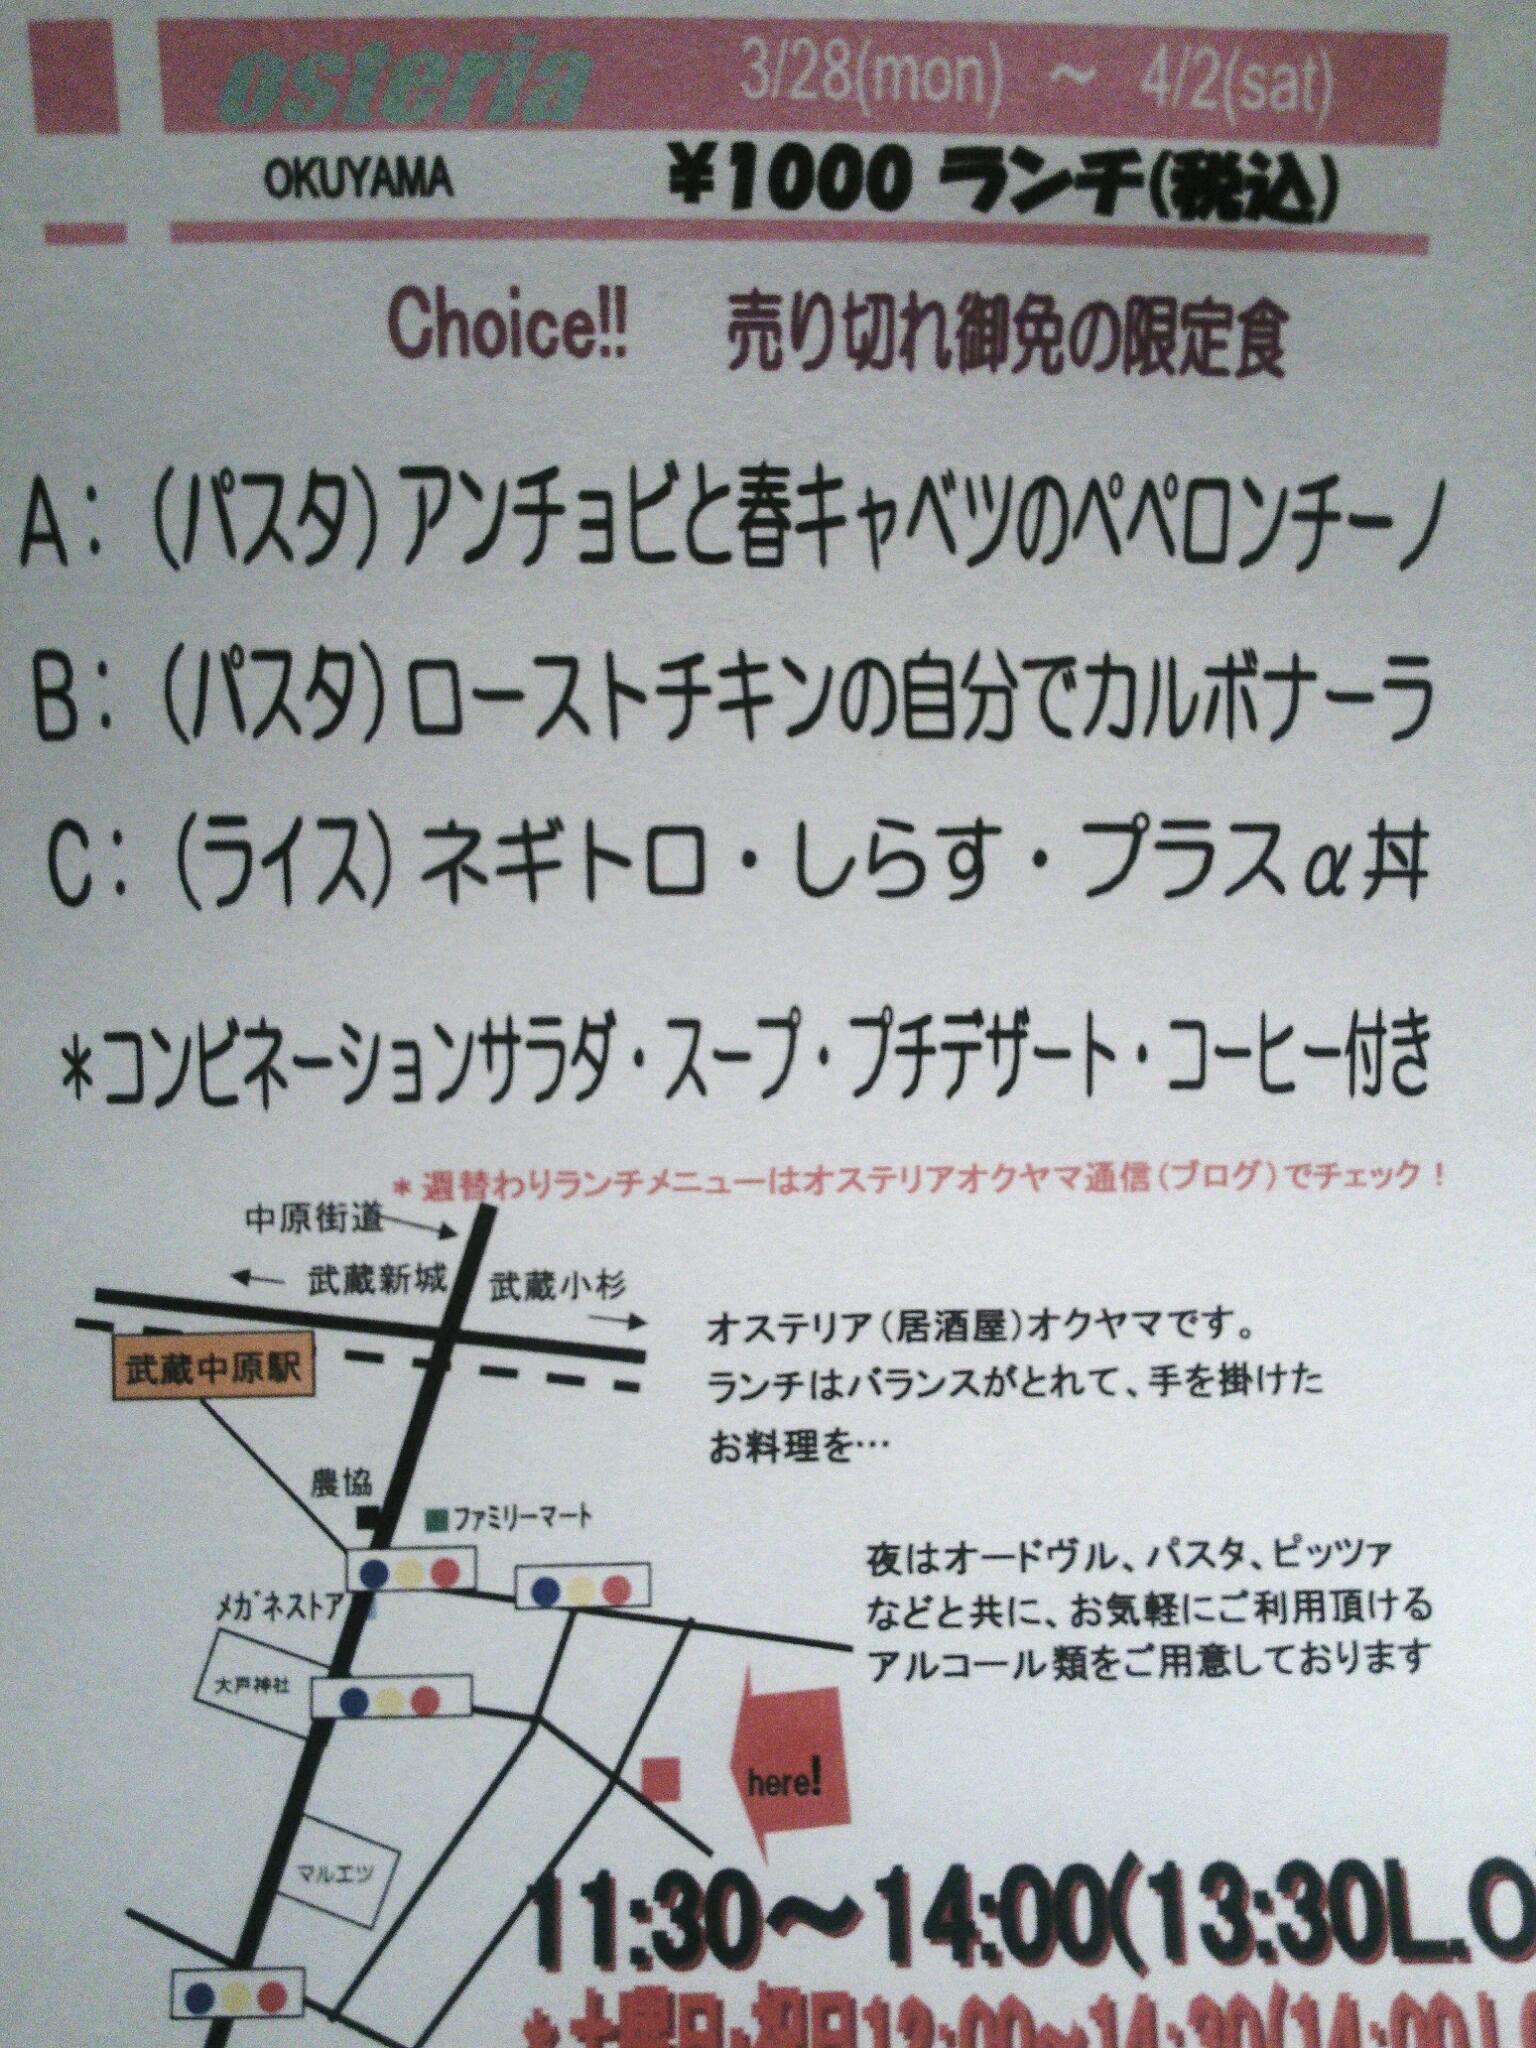 3/28(月)〜4/2(土)